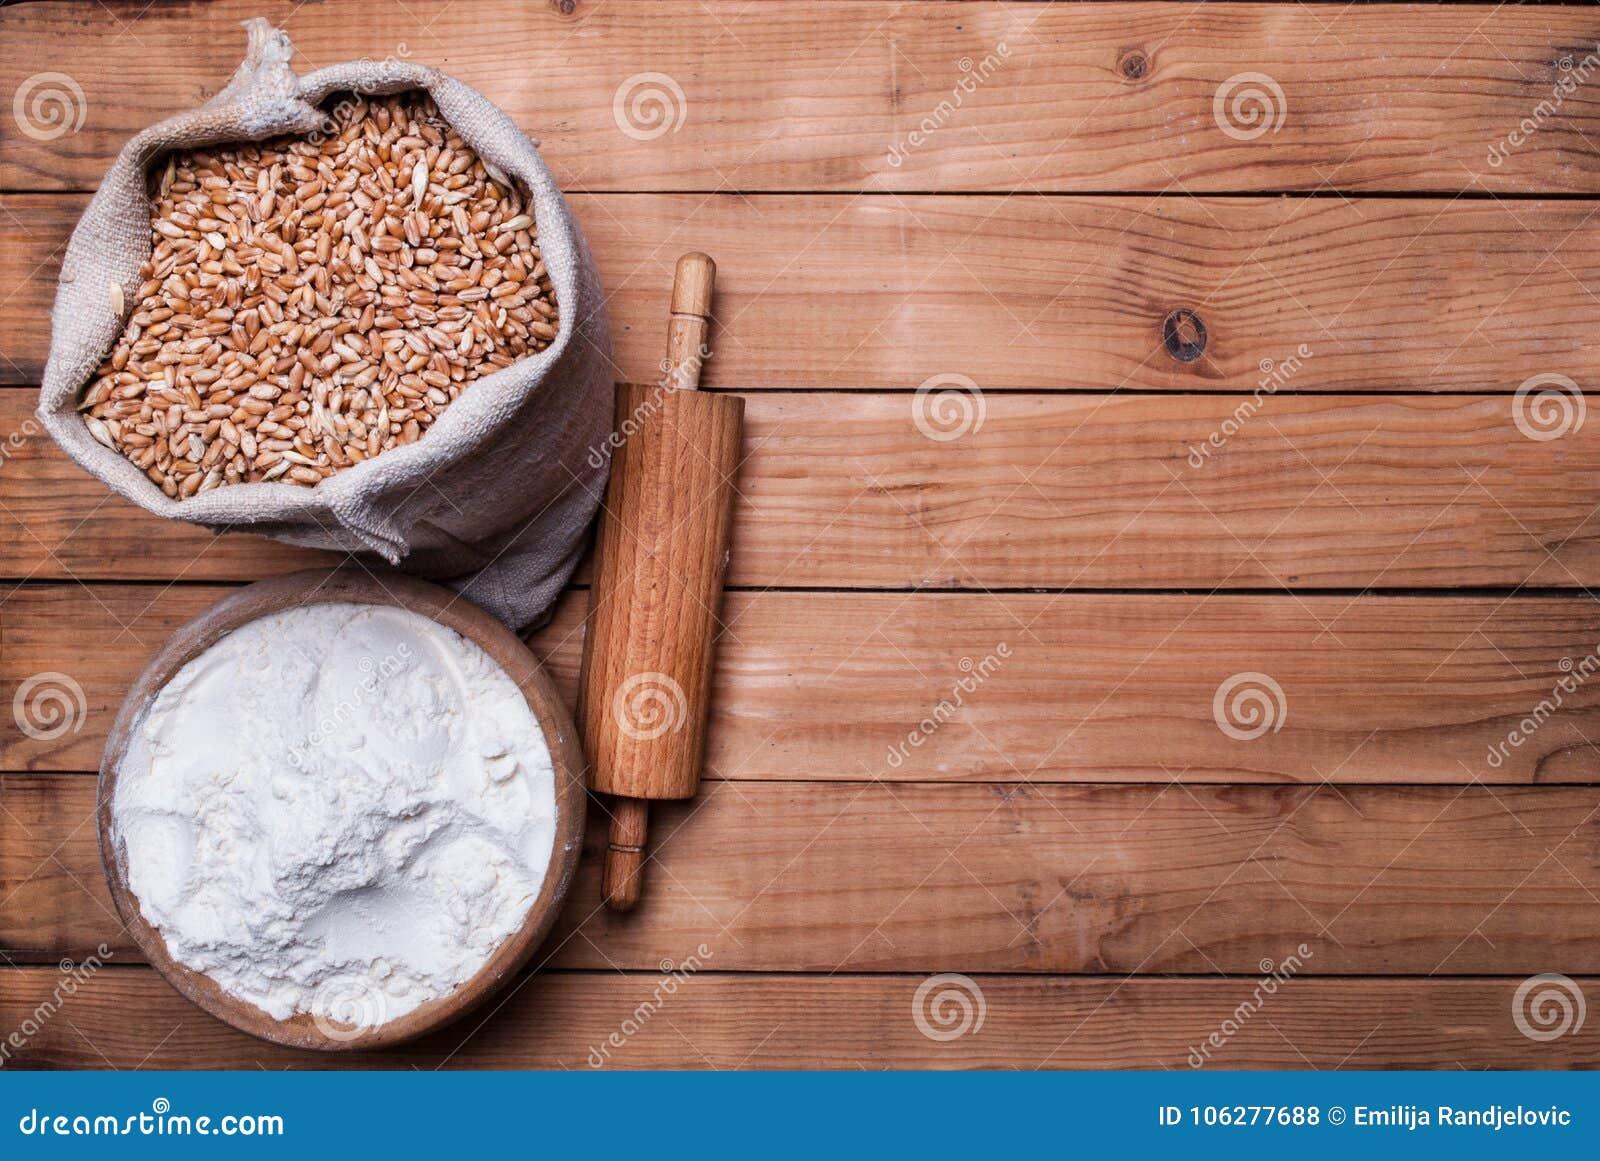 Τα σιτάρια σίτου burlap τοποθετούν σε σάκκο και άσπρο αλεύρι στο κύπελλο και κυλώντας καρφίτσα στο ξύλινο γραφείο